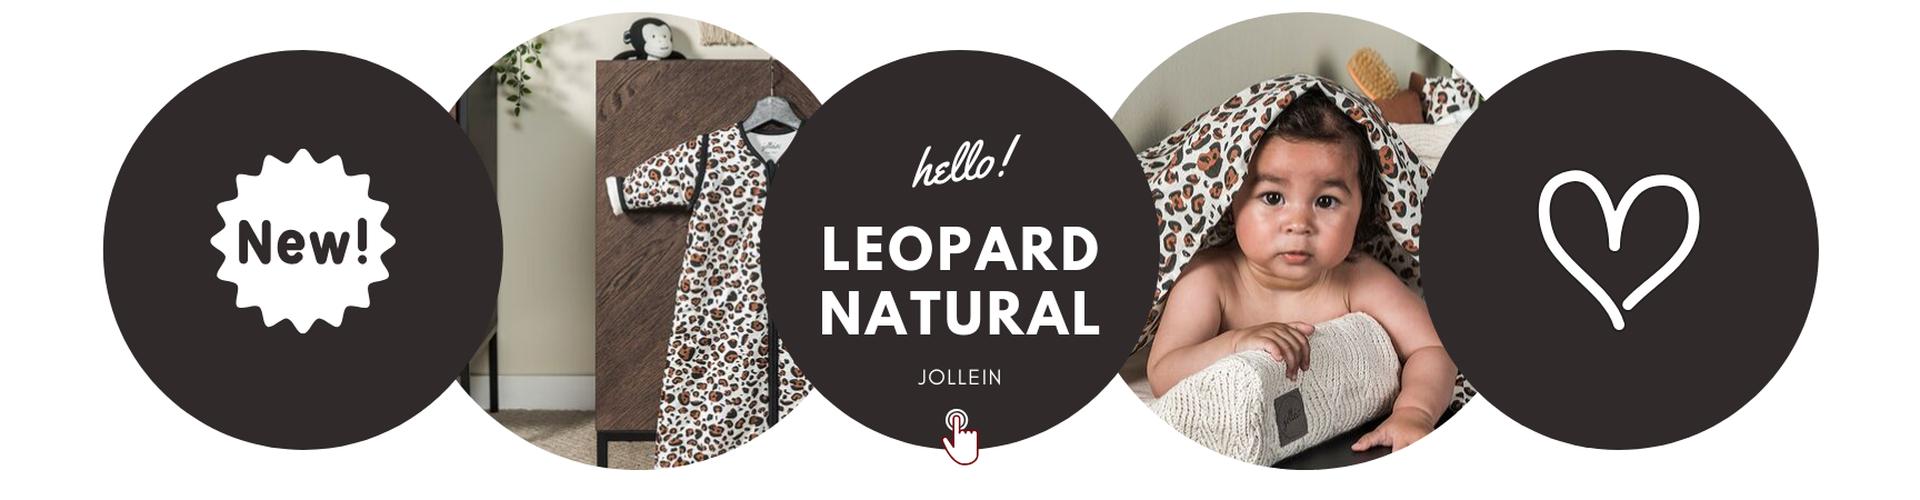 Jollein leopard